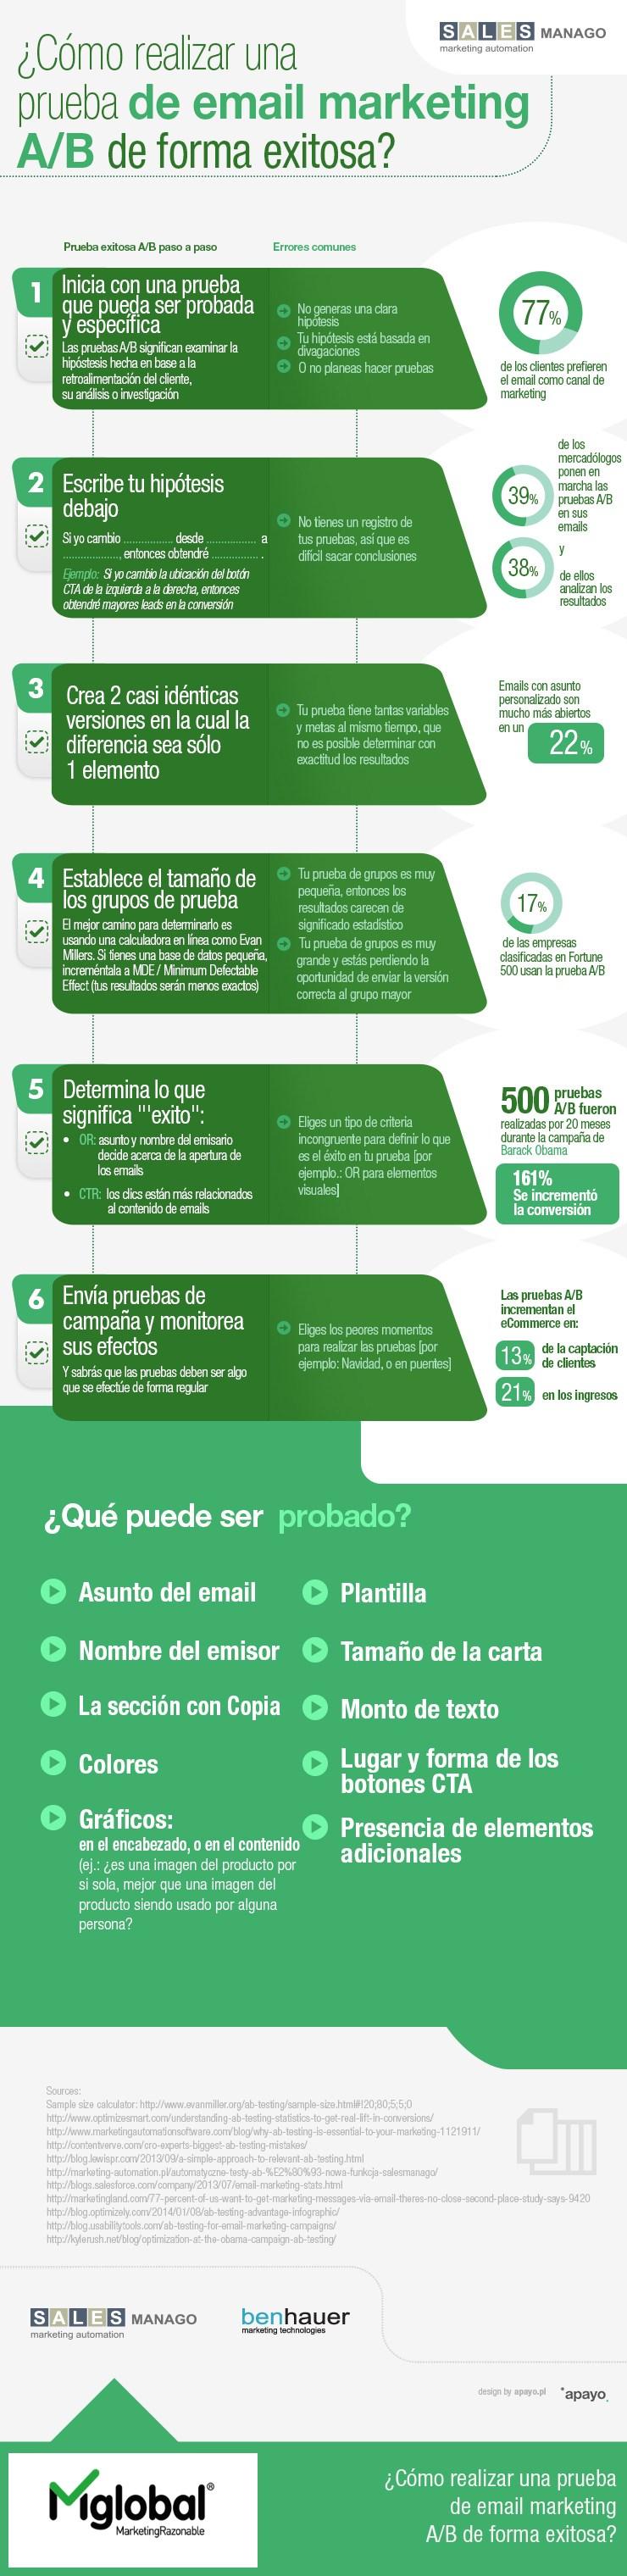 Infografía Pruebas A/B en email marketing